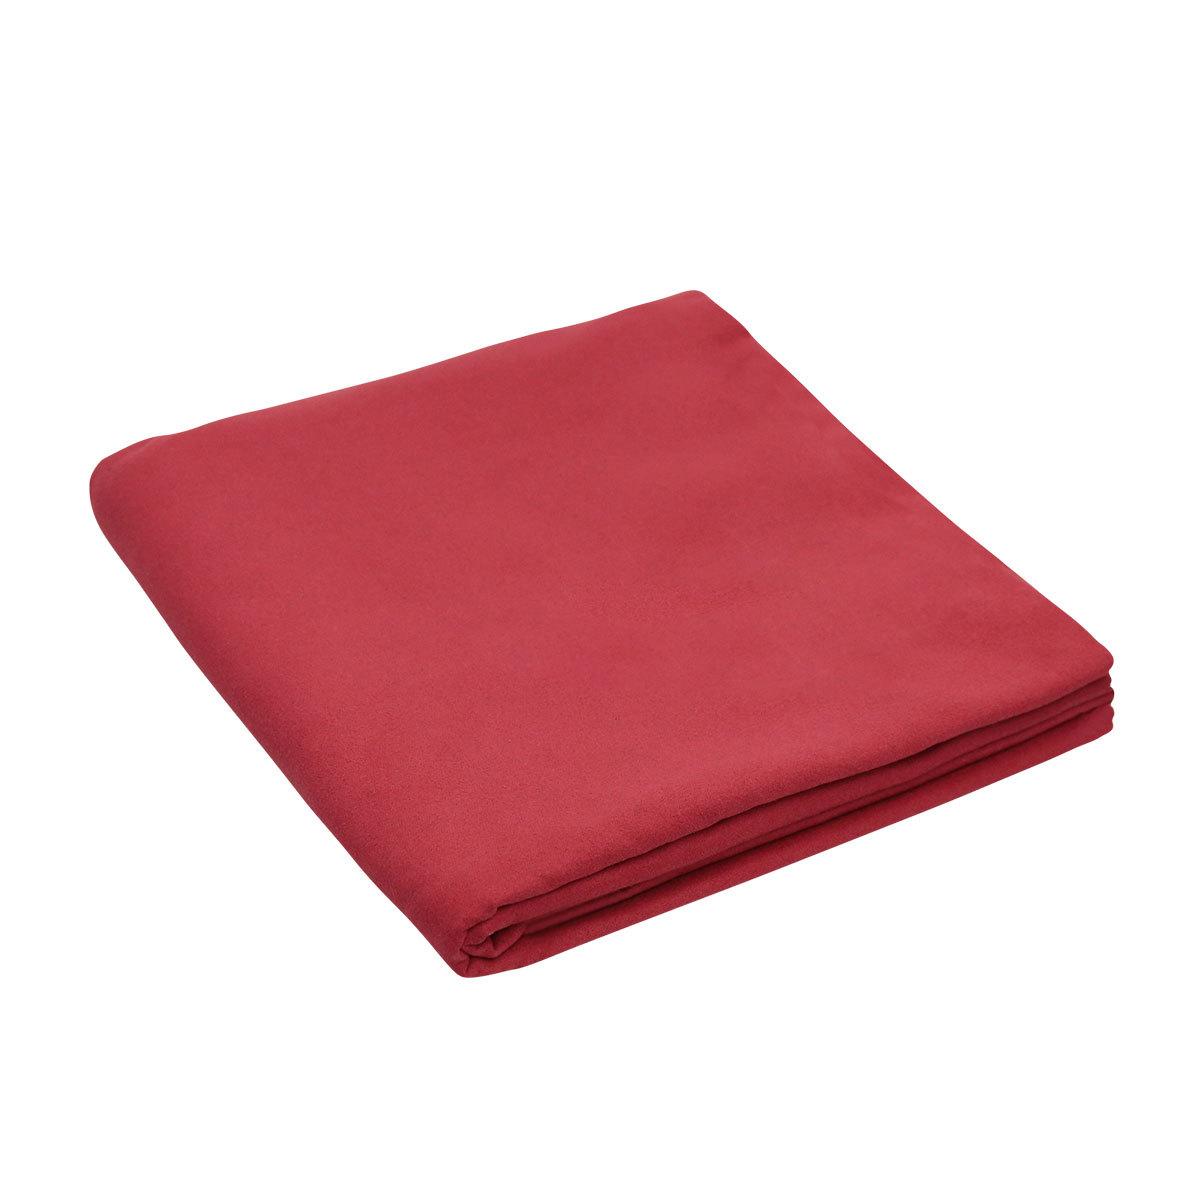 traumschlaf microfaser sporthandtuch reisehandtuch g nstig online kaufen bei bettwaren shop. Black Bedroom Furniture Sets. Home Design Ideas